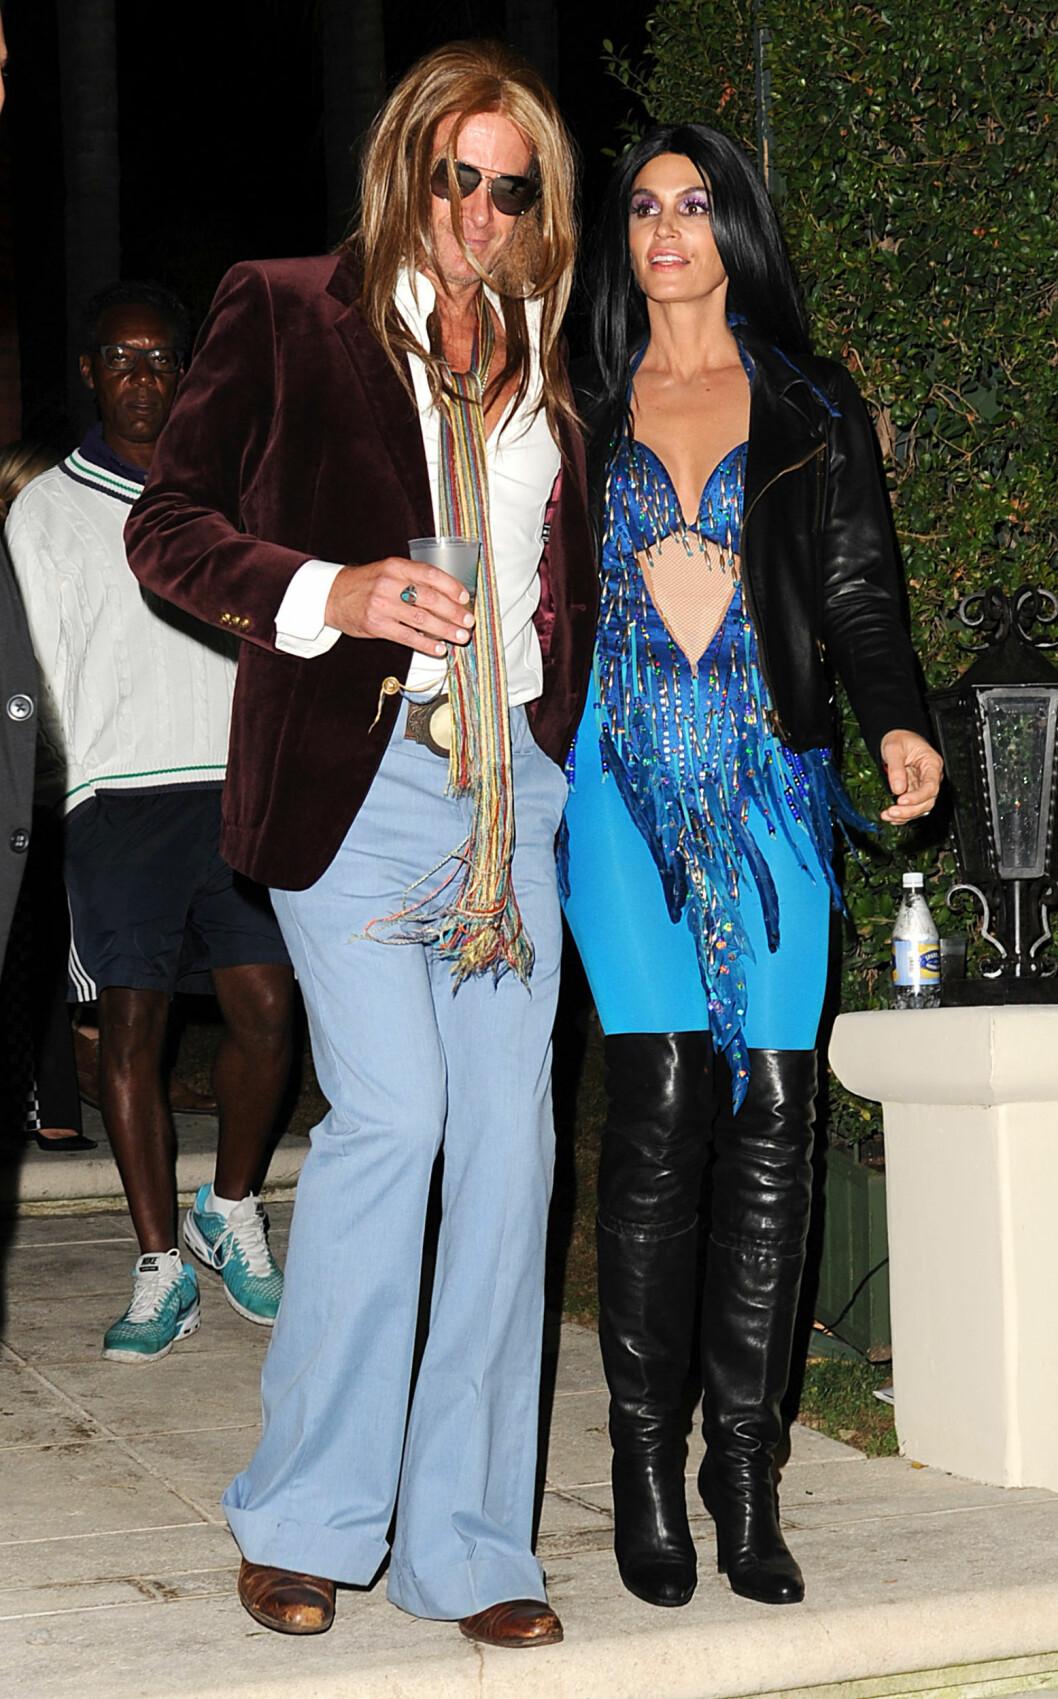 70-TALLET: Rande Gerber og supermodell Cindy Crawford i kostymer inspirert av 70-tallet. Foto: Broadimage